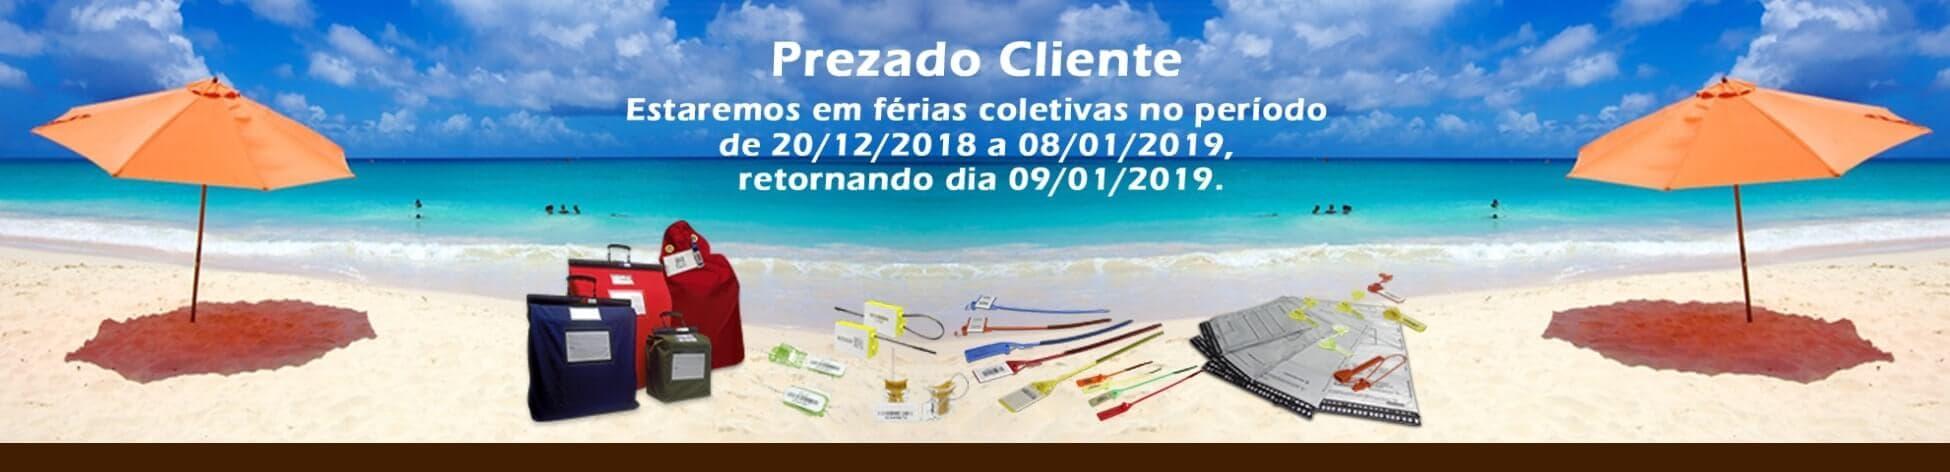 ferias-coletivas-2018